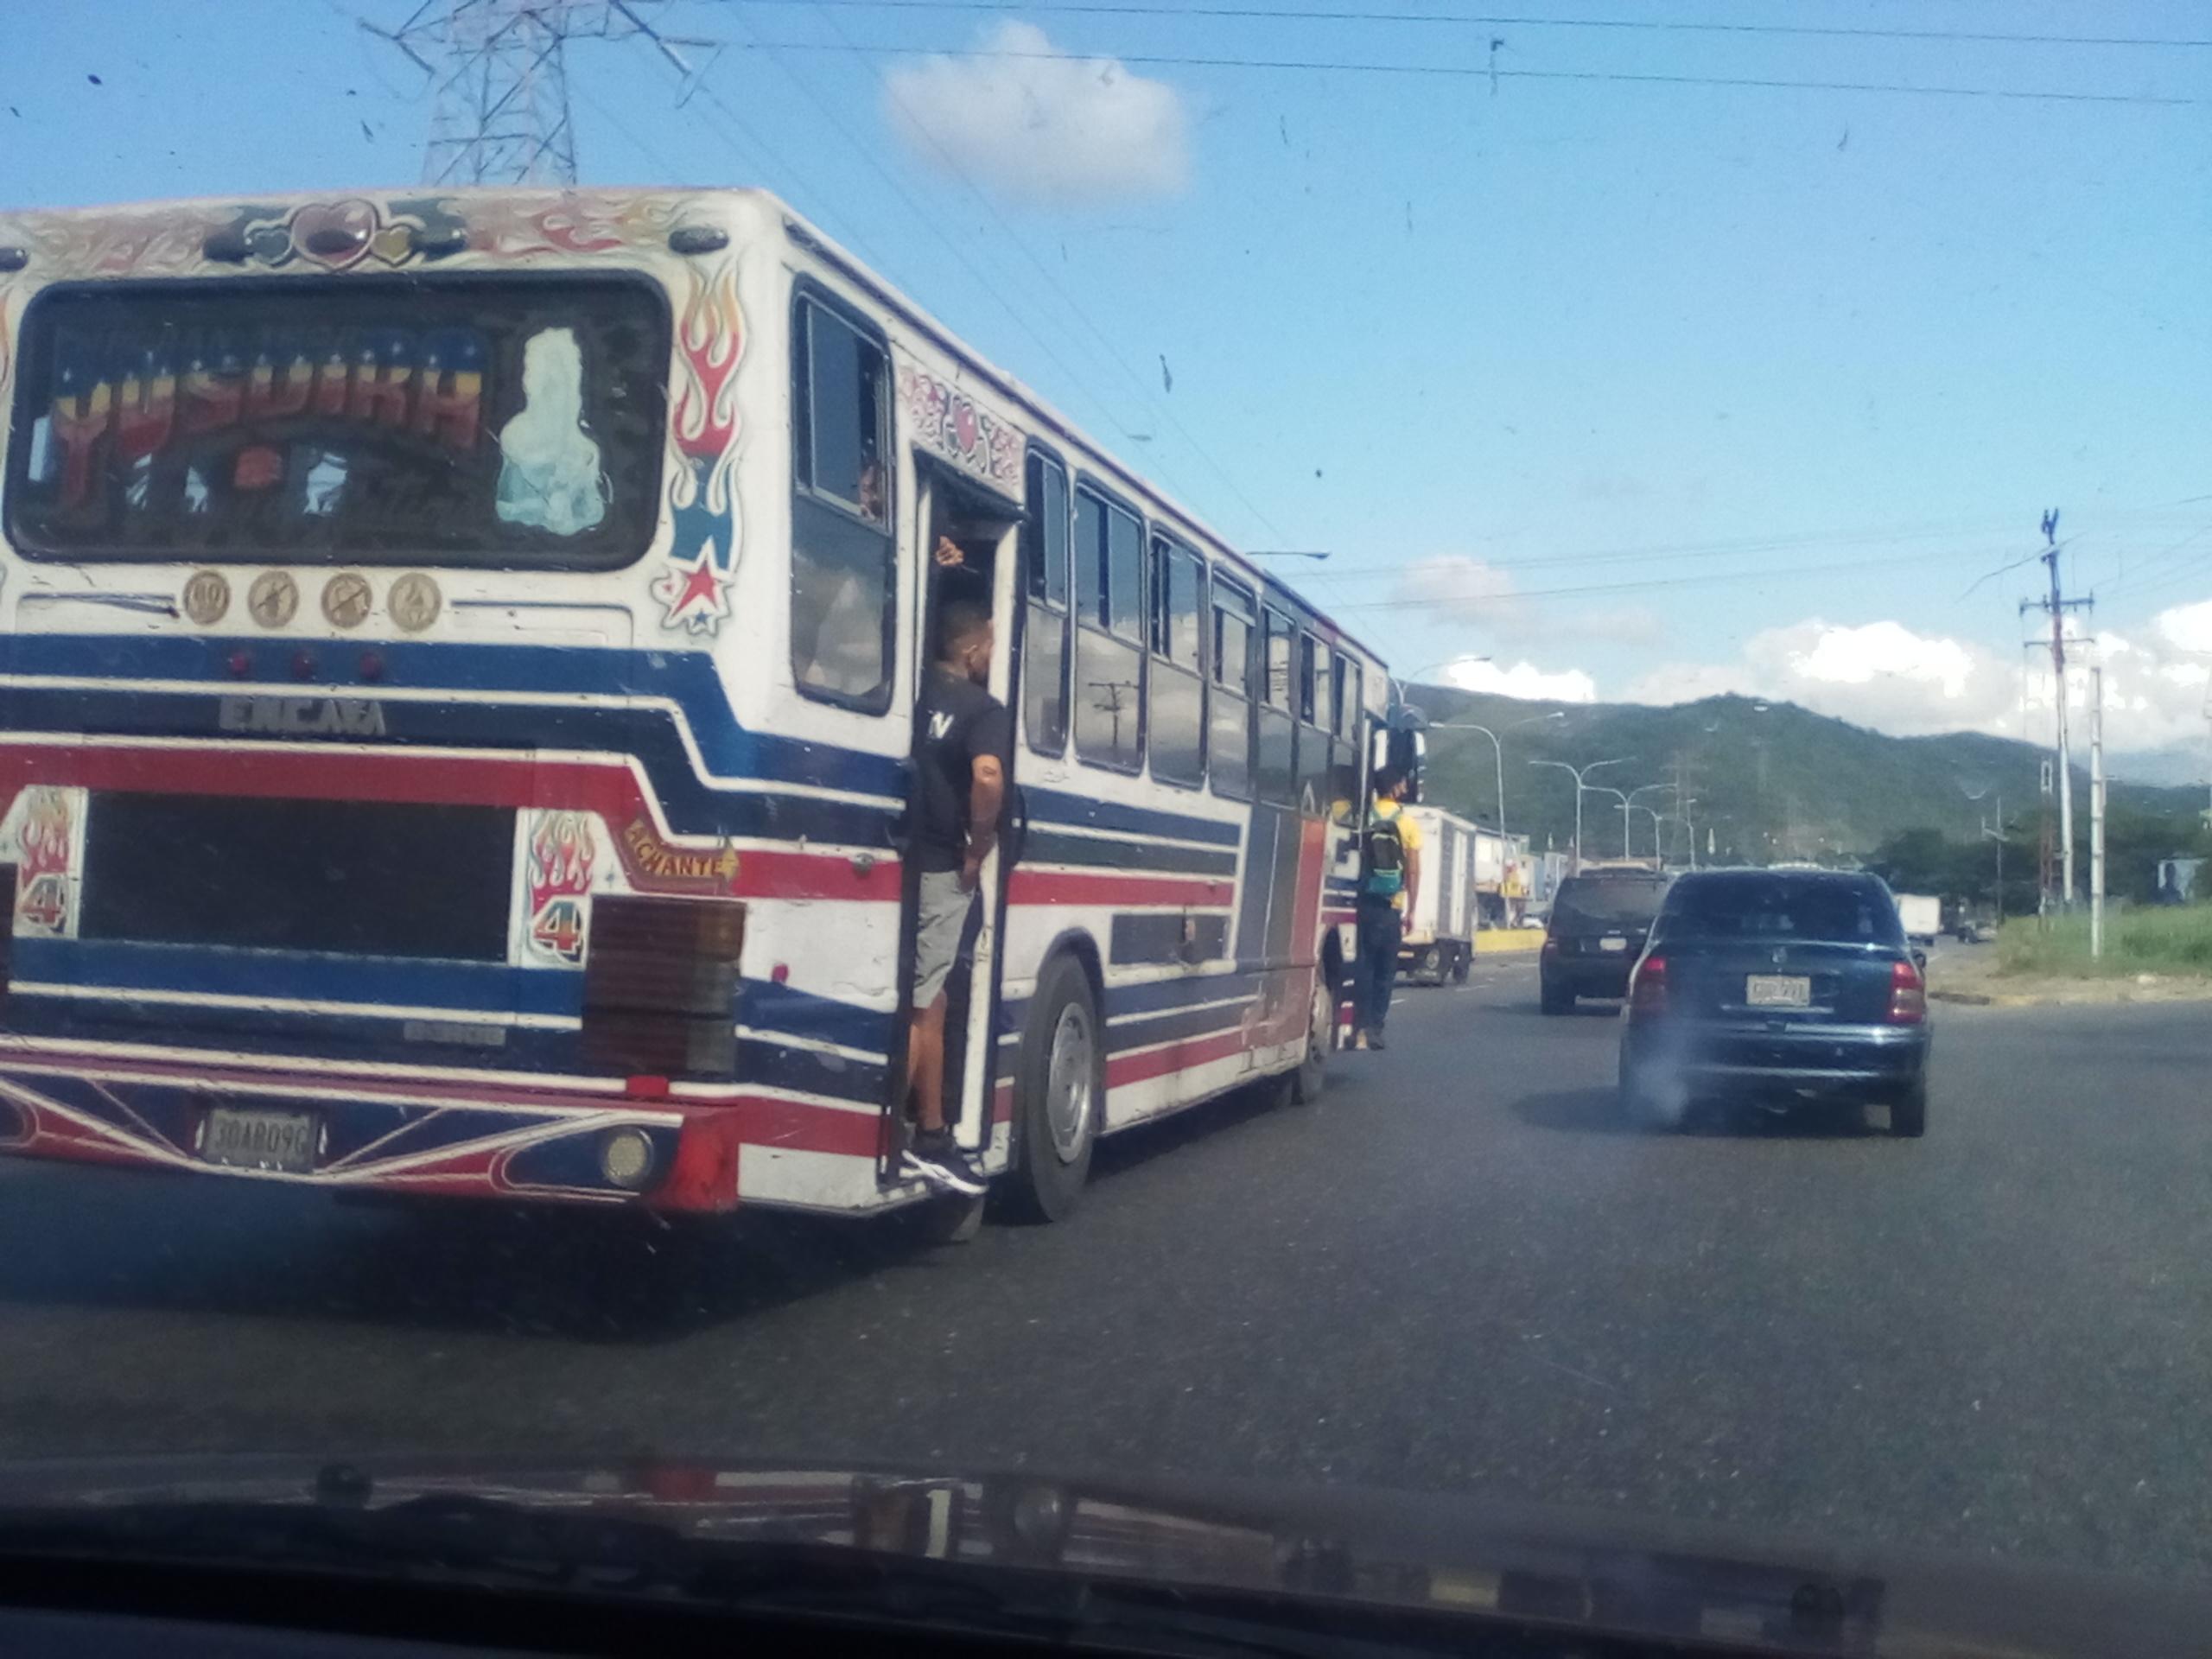 Control en el transporte público - Control en el transporte público